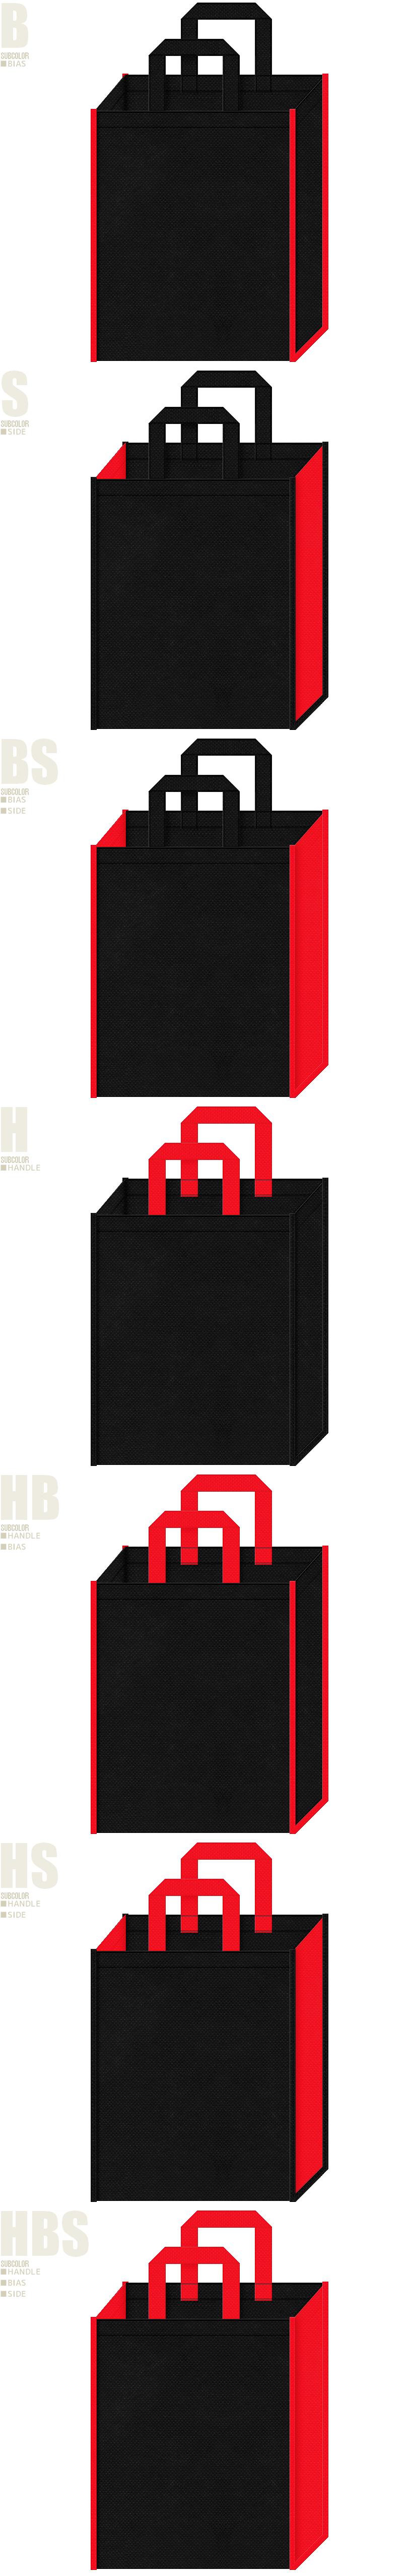 黒色と赤色、7パターンの不織布トートバッグ配色デザイン例。スポーティーファッションにお奨めです。